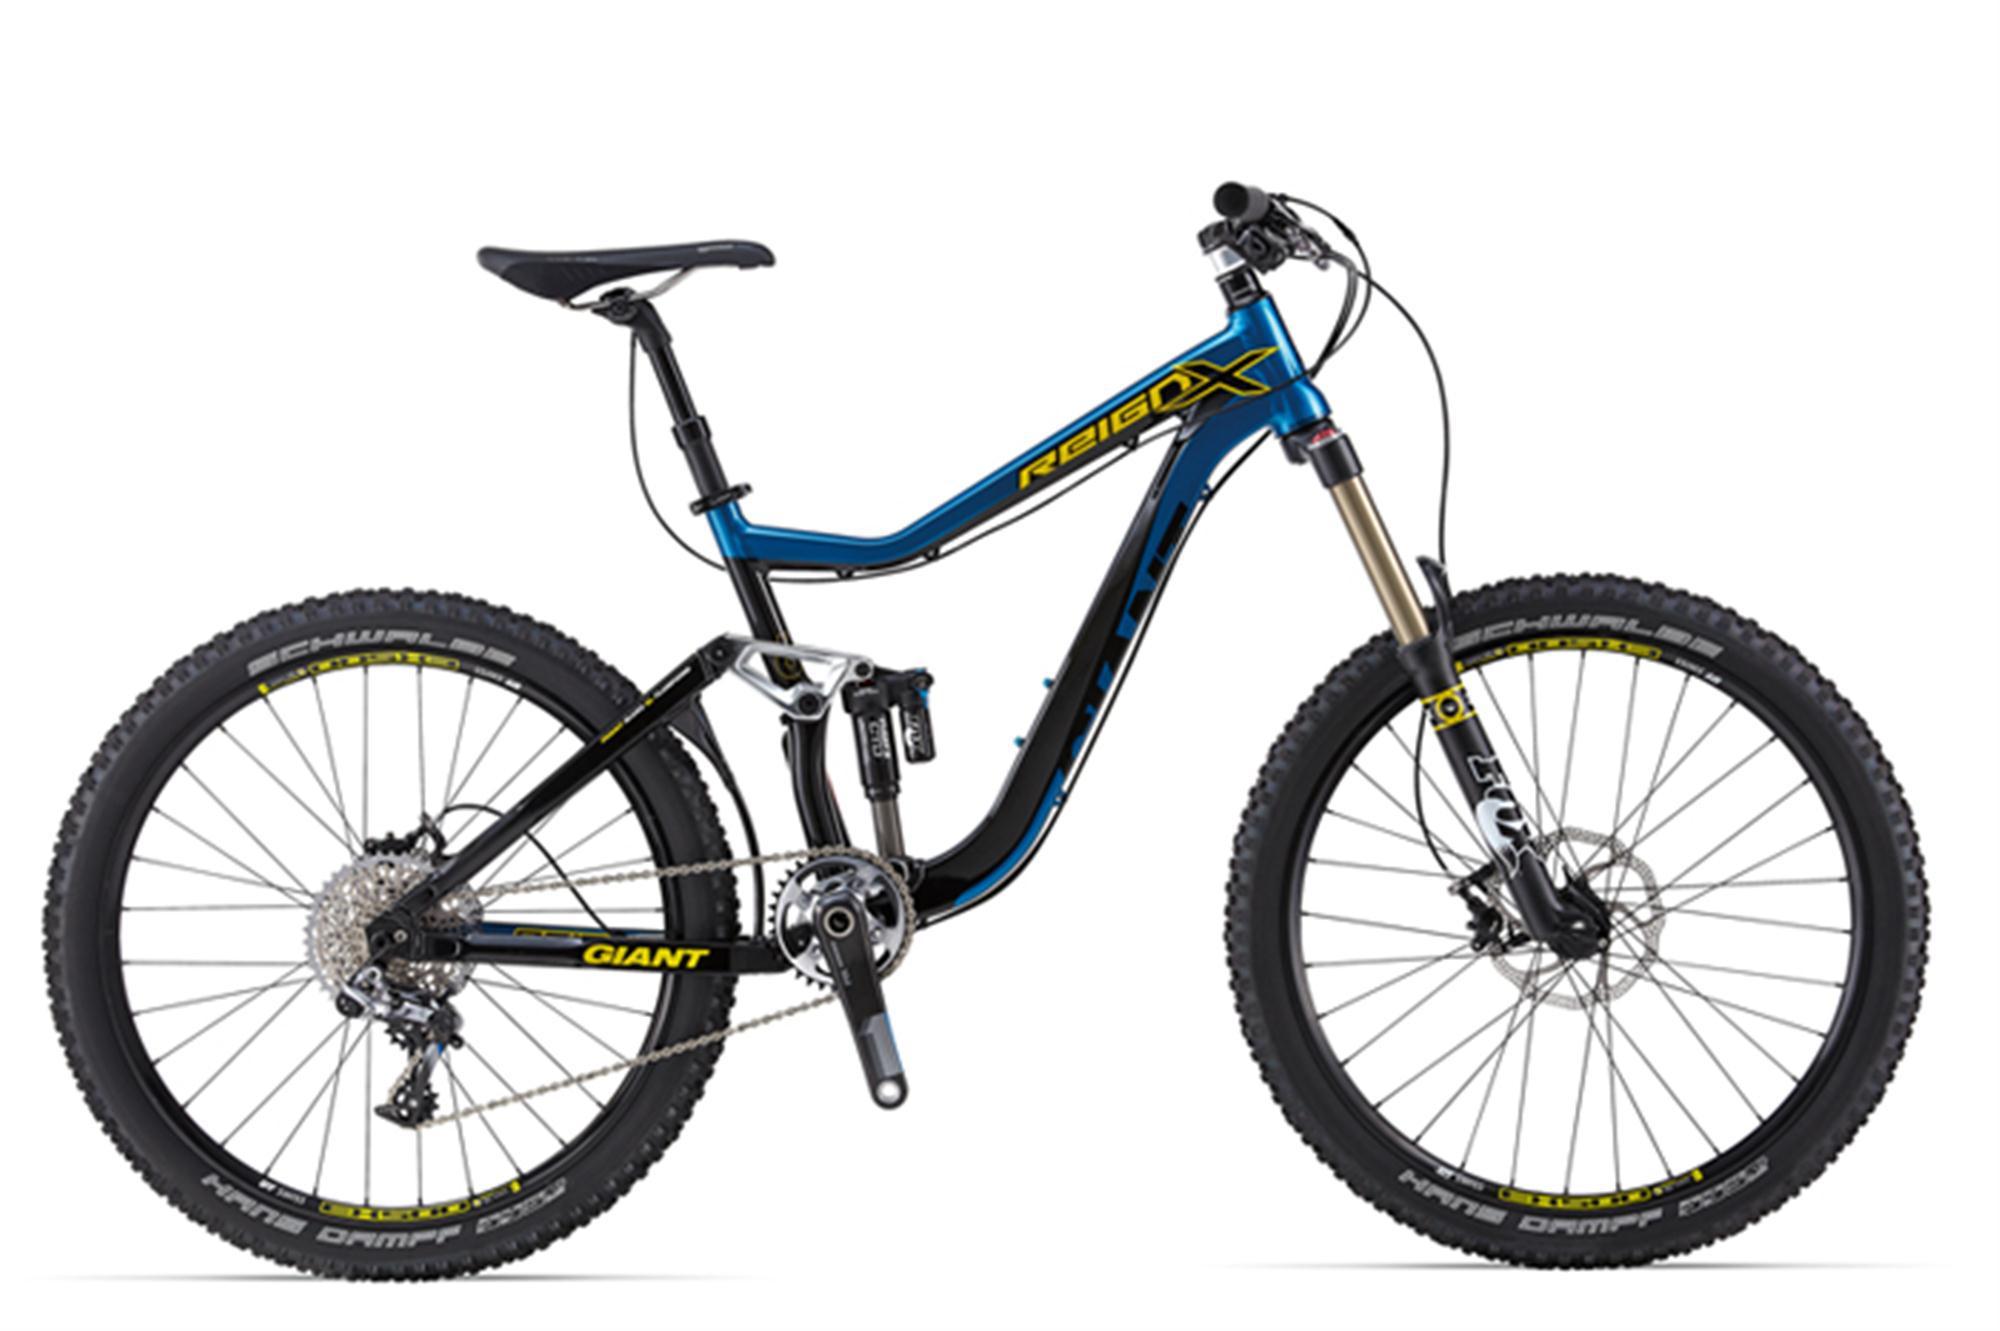 """Giant Reign X 0 (2014)Горные<br>Компания Giant - одна из крупнейших компаний в мире по производству велосипедов. <br>И , конечно, инженеры не остановились на одной линейке для экстремальных дисциплин. Они взяли лучшее от всех последних разработок и получился новый Giant Reign X 0, который буквально """"напичкан"""" различным функционалом.<br><br>Так,в первую очередь, привлекает внимание новейшие амортизаторы. Спереди за отработку неровностей отвечает Fox 36 Talas CTD Performance, с регулировкой хода 120-160мм. Это позволяет сделать Ваш велосипед максимально универсальным на любом участке пути.<br>Сзади контроль над трассой обеспечивает новые воздушный амортизатор Fox Float CTD, специально созданный для экстремальных дисциплин.<br><br>В качестве навесного оборудования использована группа компонентов Sram XX1, созданная для профессиональных гонщиков уровня Кубка мира. Созданная специально для МТБ дисциплин, она сочетает в себе все самые последние достижения инженеров компании Sram, а значит - и всей велоиндустрии.<br><br>Этот велосипед будет одинаково удобен на всех участках пути, на нем вы проедете везде.<br>"""